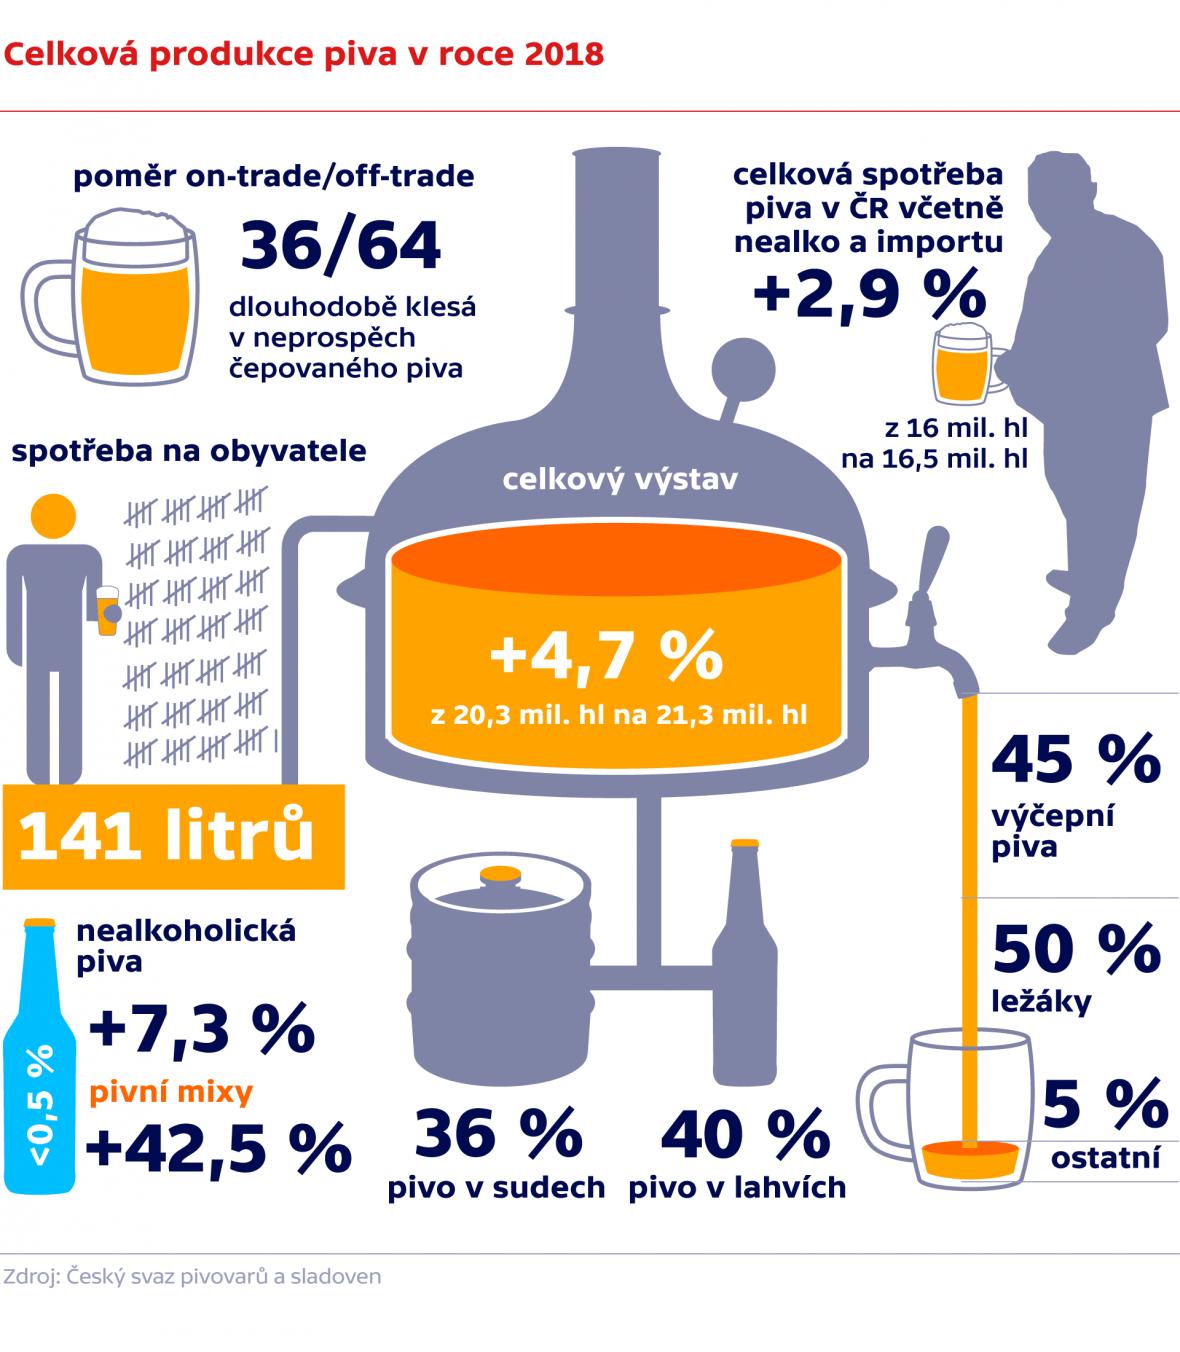 Celková produkce piva v roce 2018